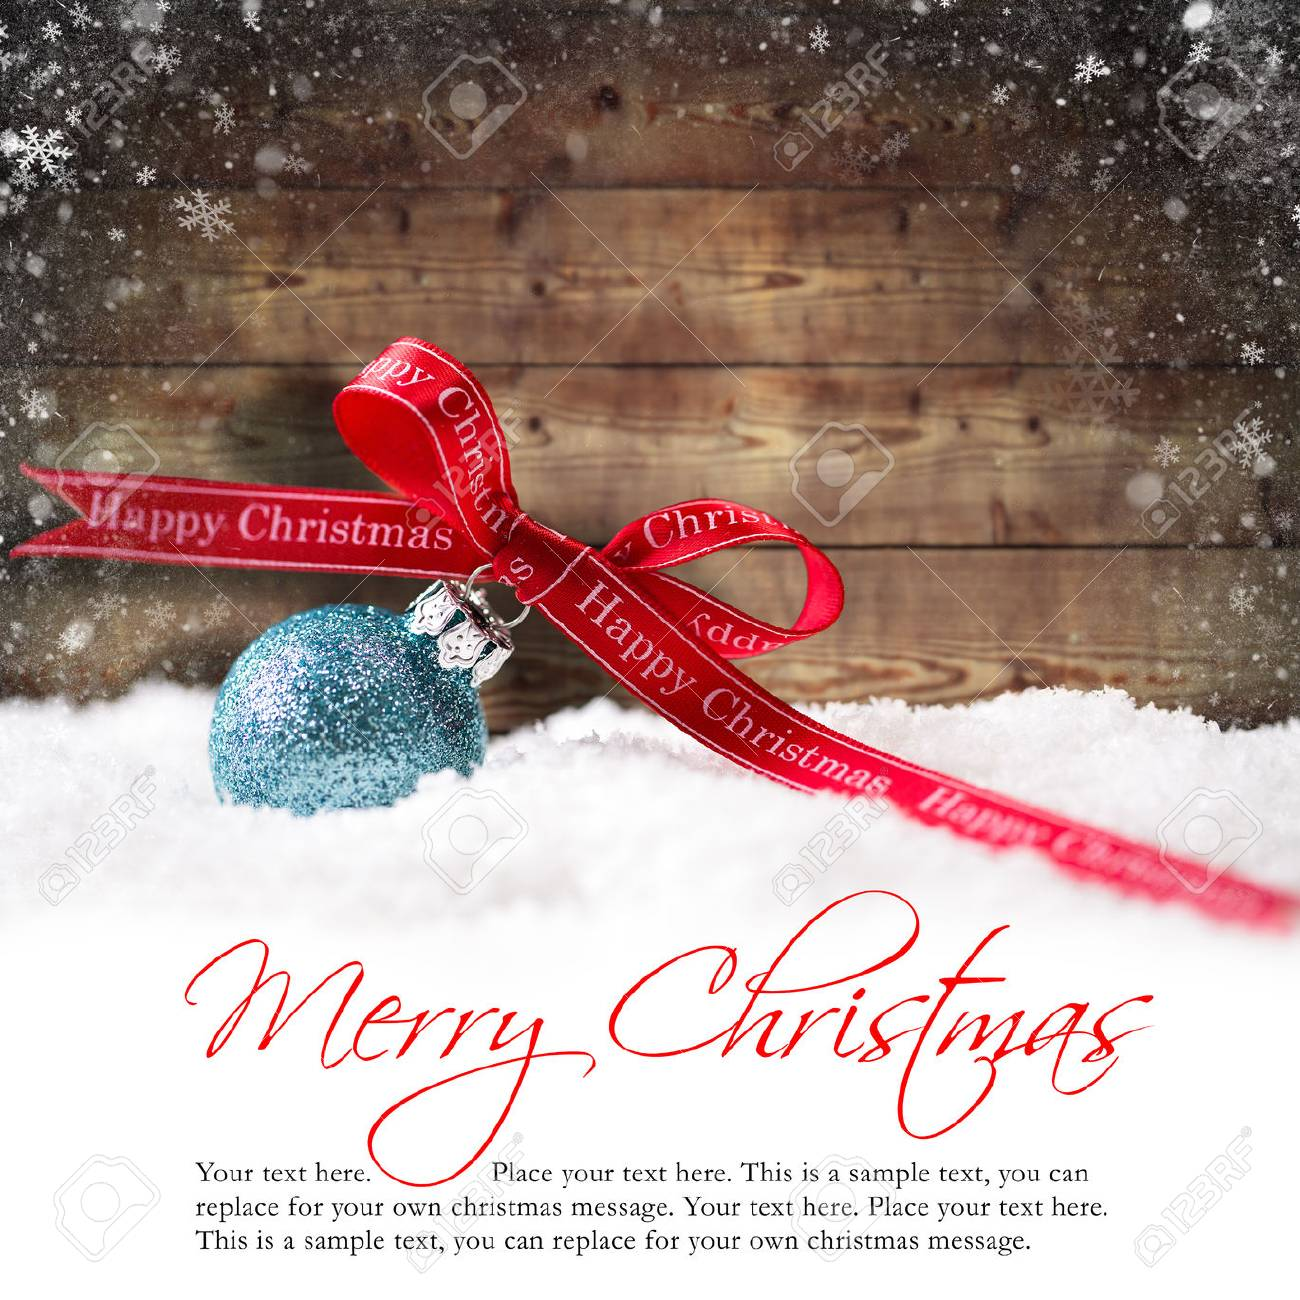 Atemberaubend Weihnachten Messege Ideen - Weihnachtsbilder ...